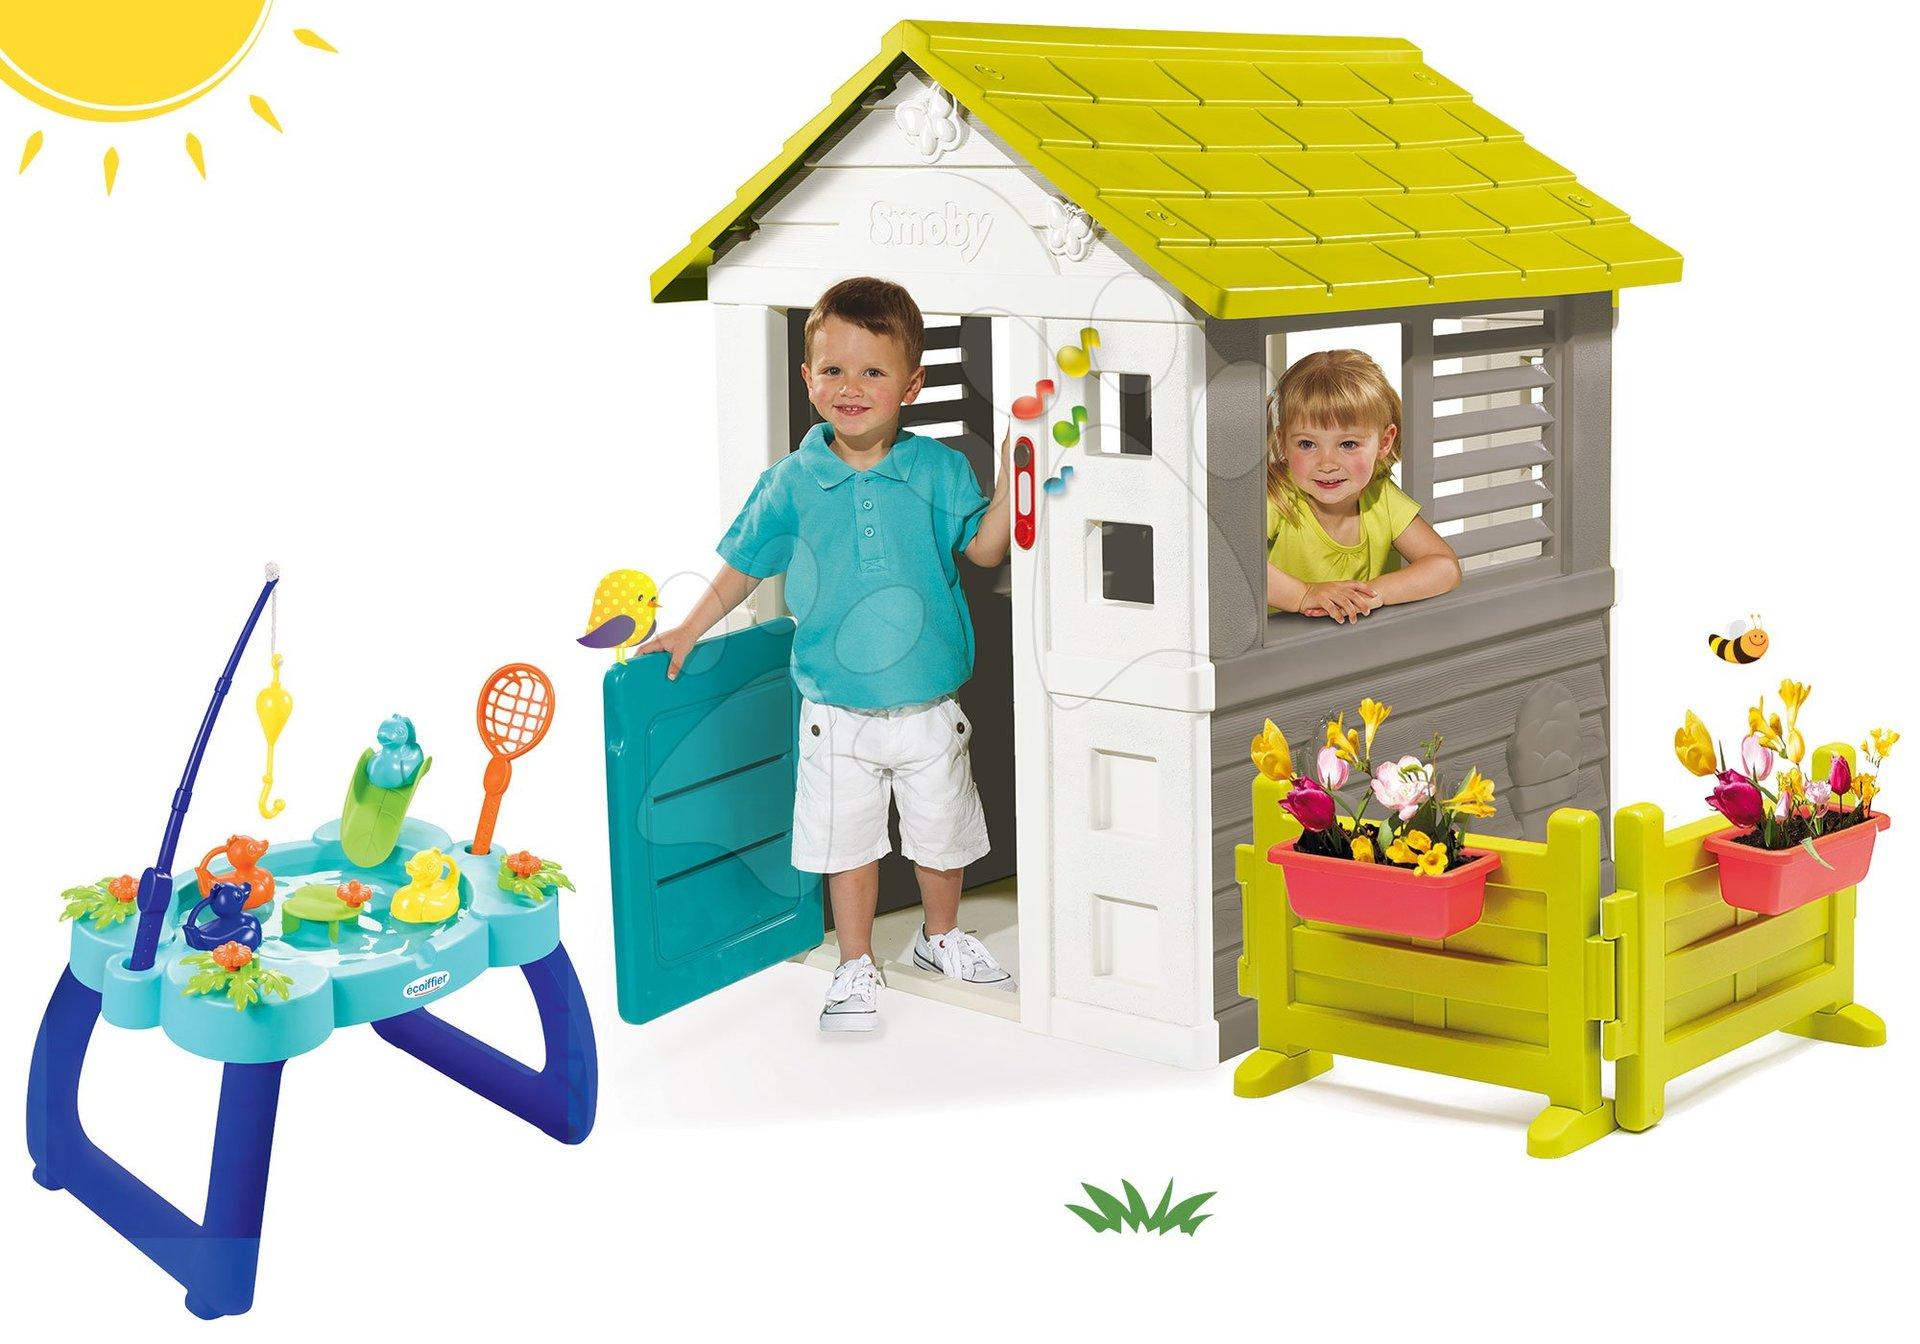 Set domček Jolie Smoby modrý s 3 oknami a 2 žalúziami so záhradkou a zvončekom a rybársky stolík s udicou a sieťkou od 24 mes